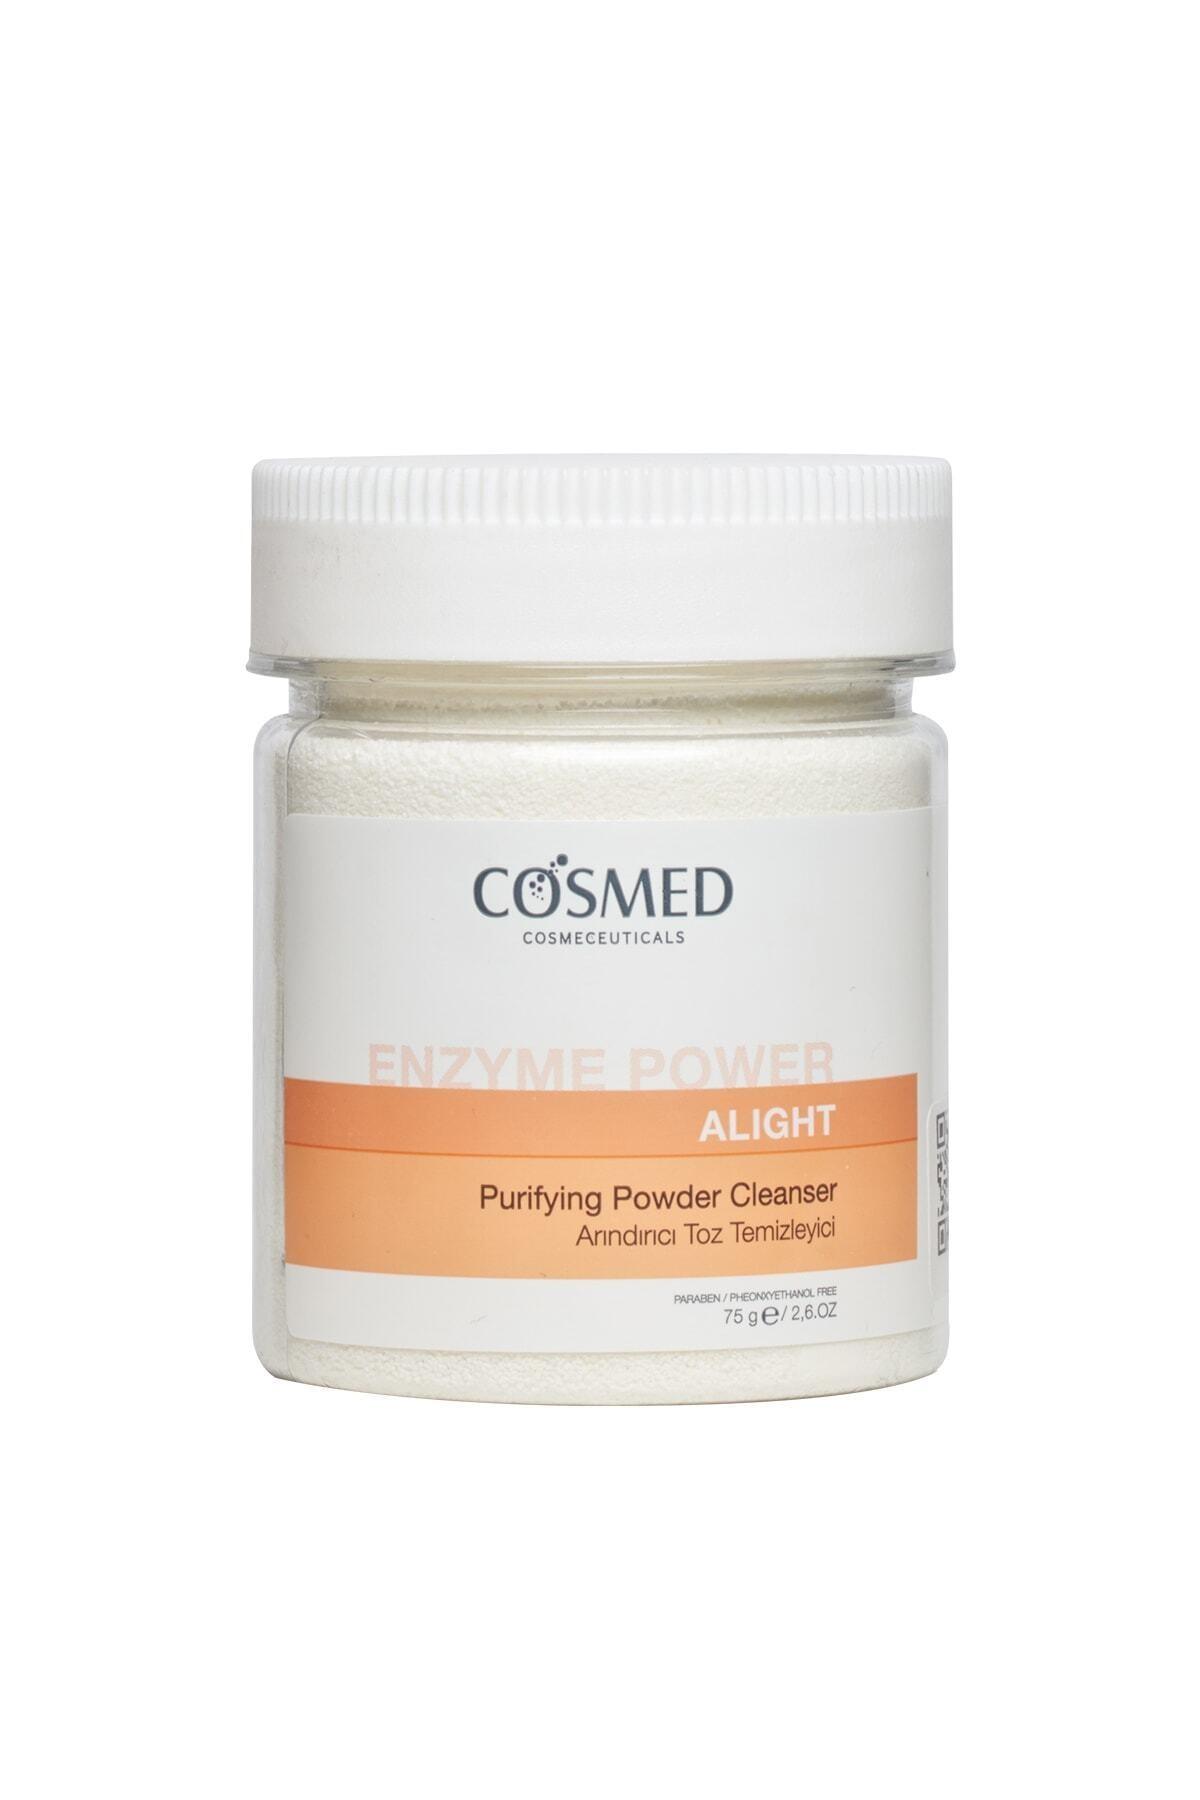 COSMED Arındırıcı Toz Yüz Temizleyici - Alight Purifying Powder Cleanser 75 g 8699292991879 1